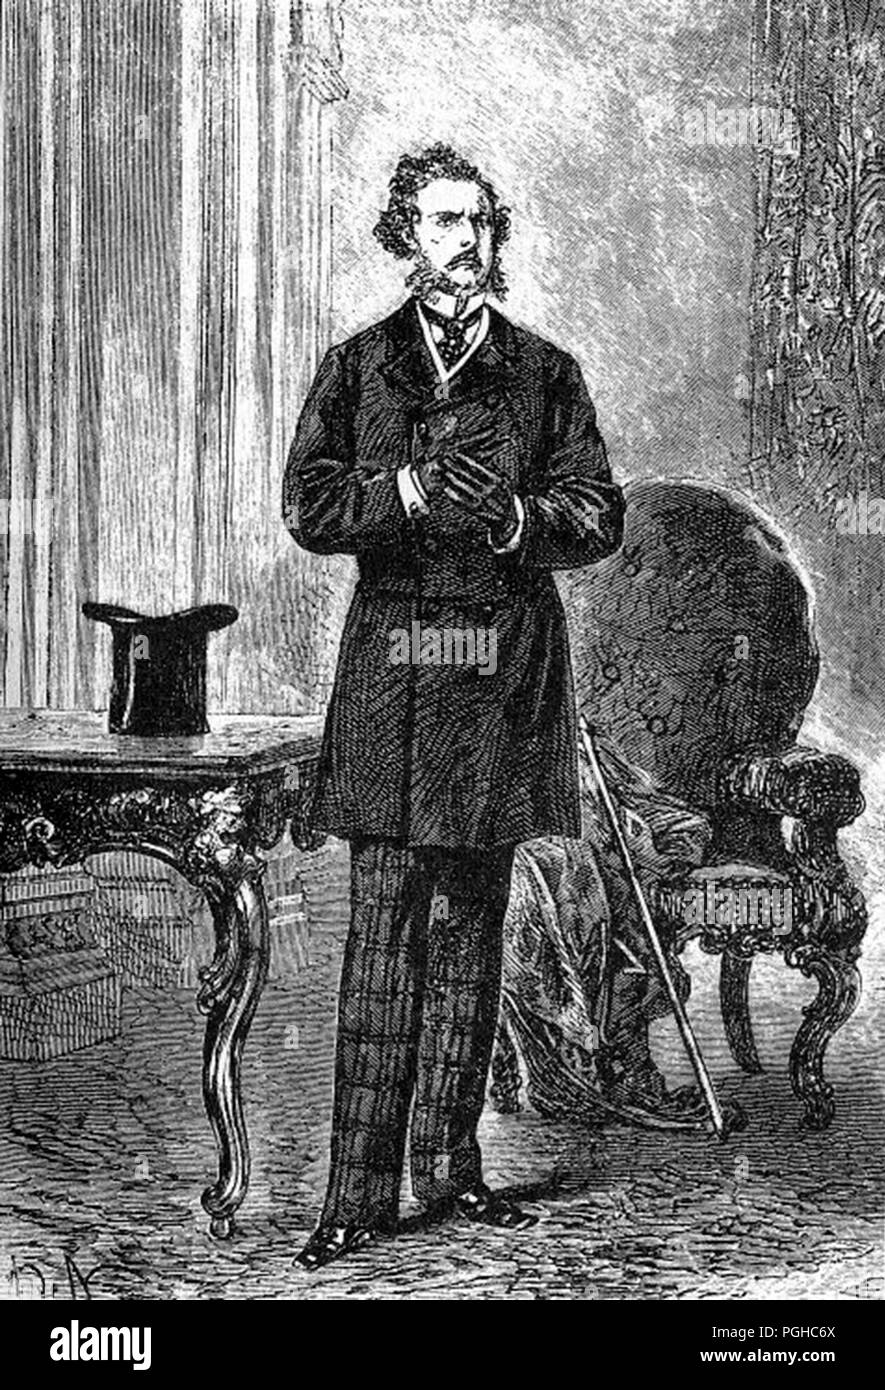 Phileas Fogg von Alphonse De Neuville & Léon Benett, Phileas Fogg ist der Protagonist in der 1873 Jules Vernes Roman in 80 Tagen um die Welt. Stockbild